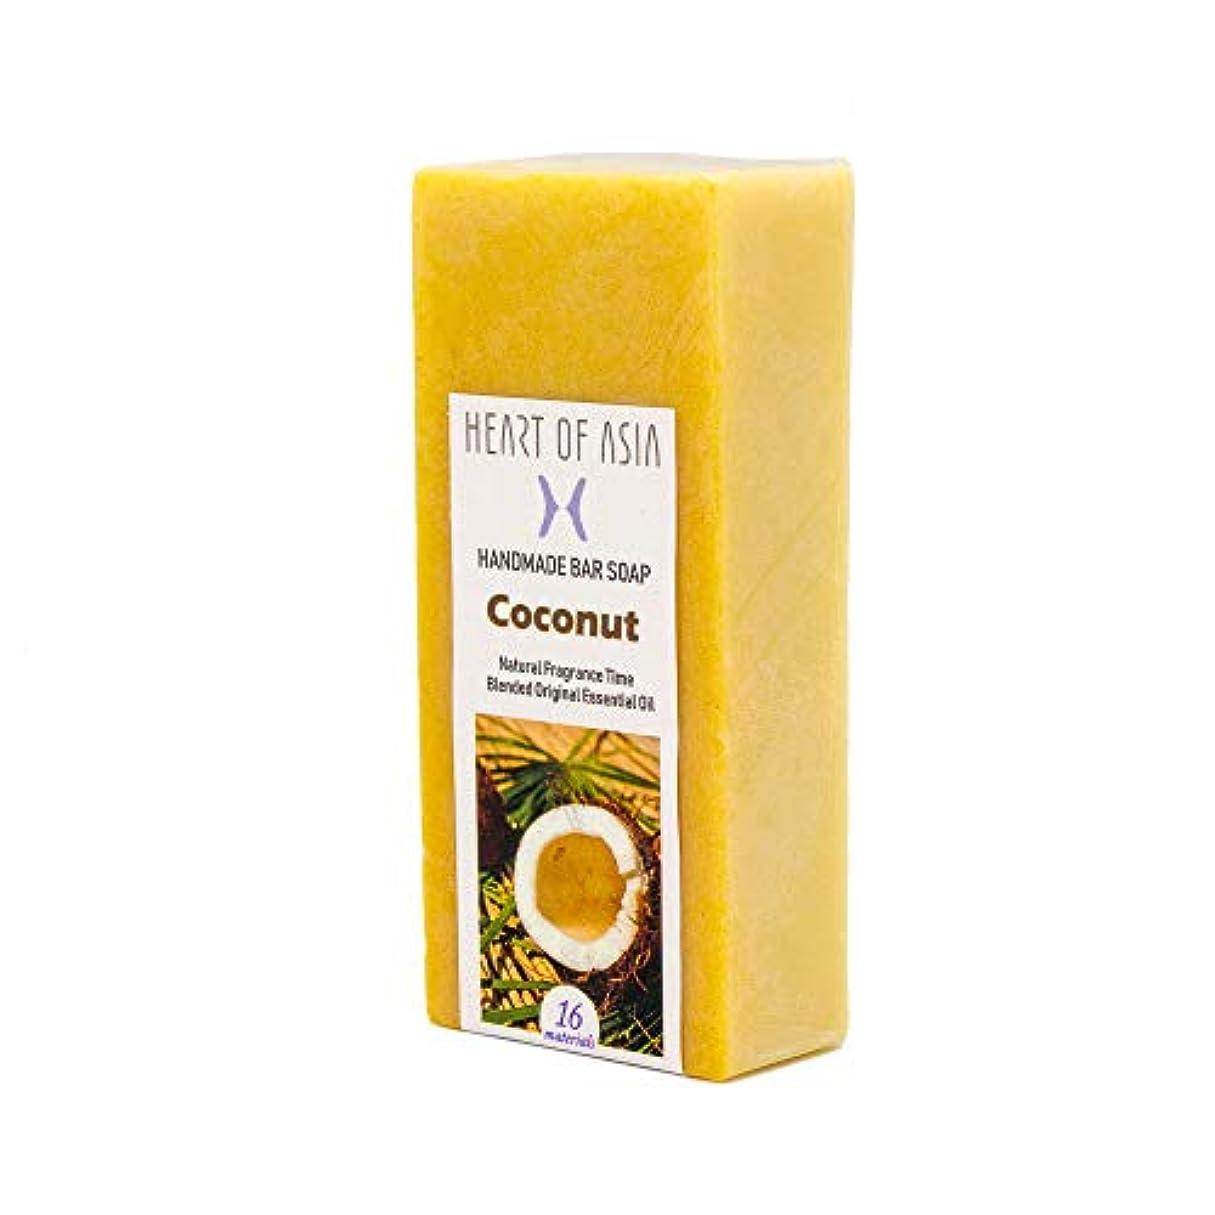 コットン順番学部香水のようなフレグランス石けん HANDMADE BAR SOAP ~Coconut ~ (単品)